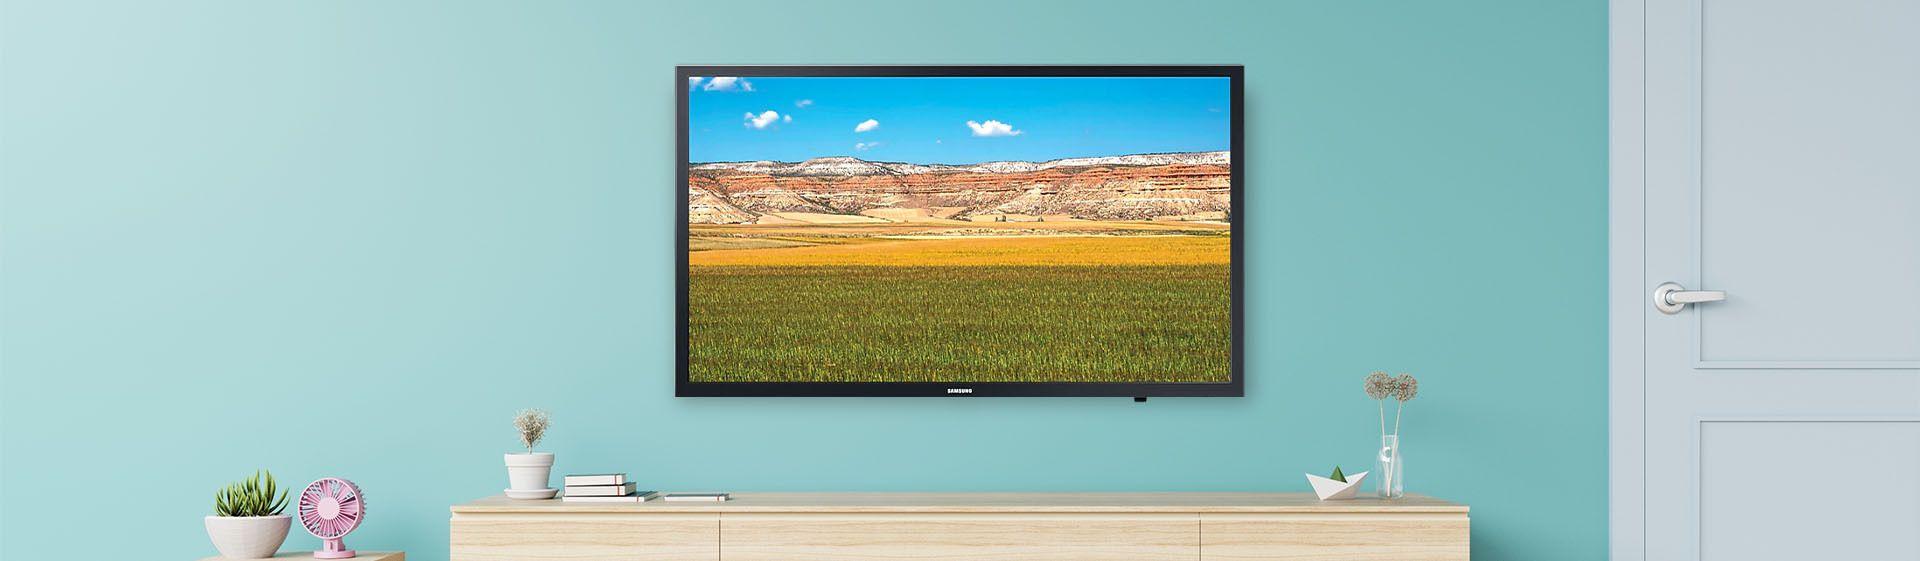 Smart TV Samsung T5300: vale a pena em 2021?